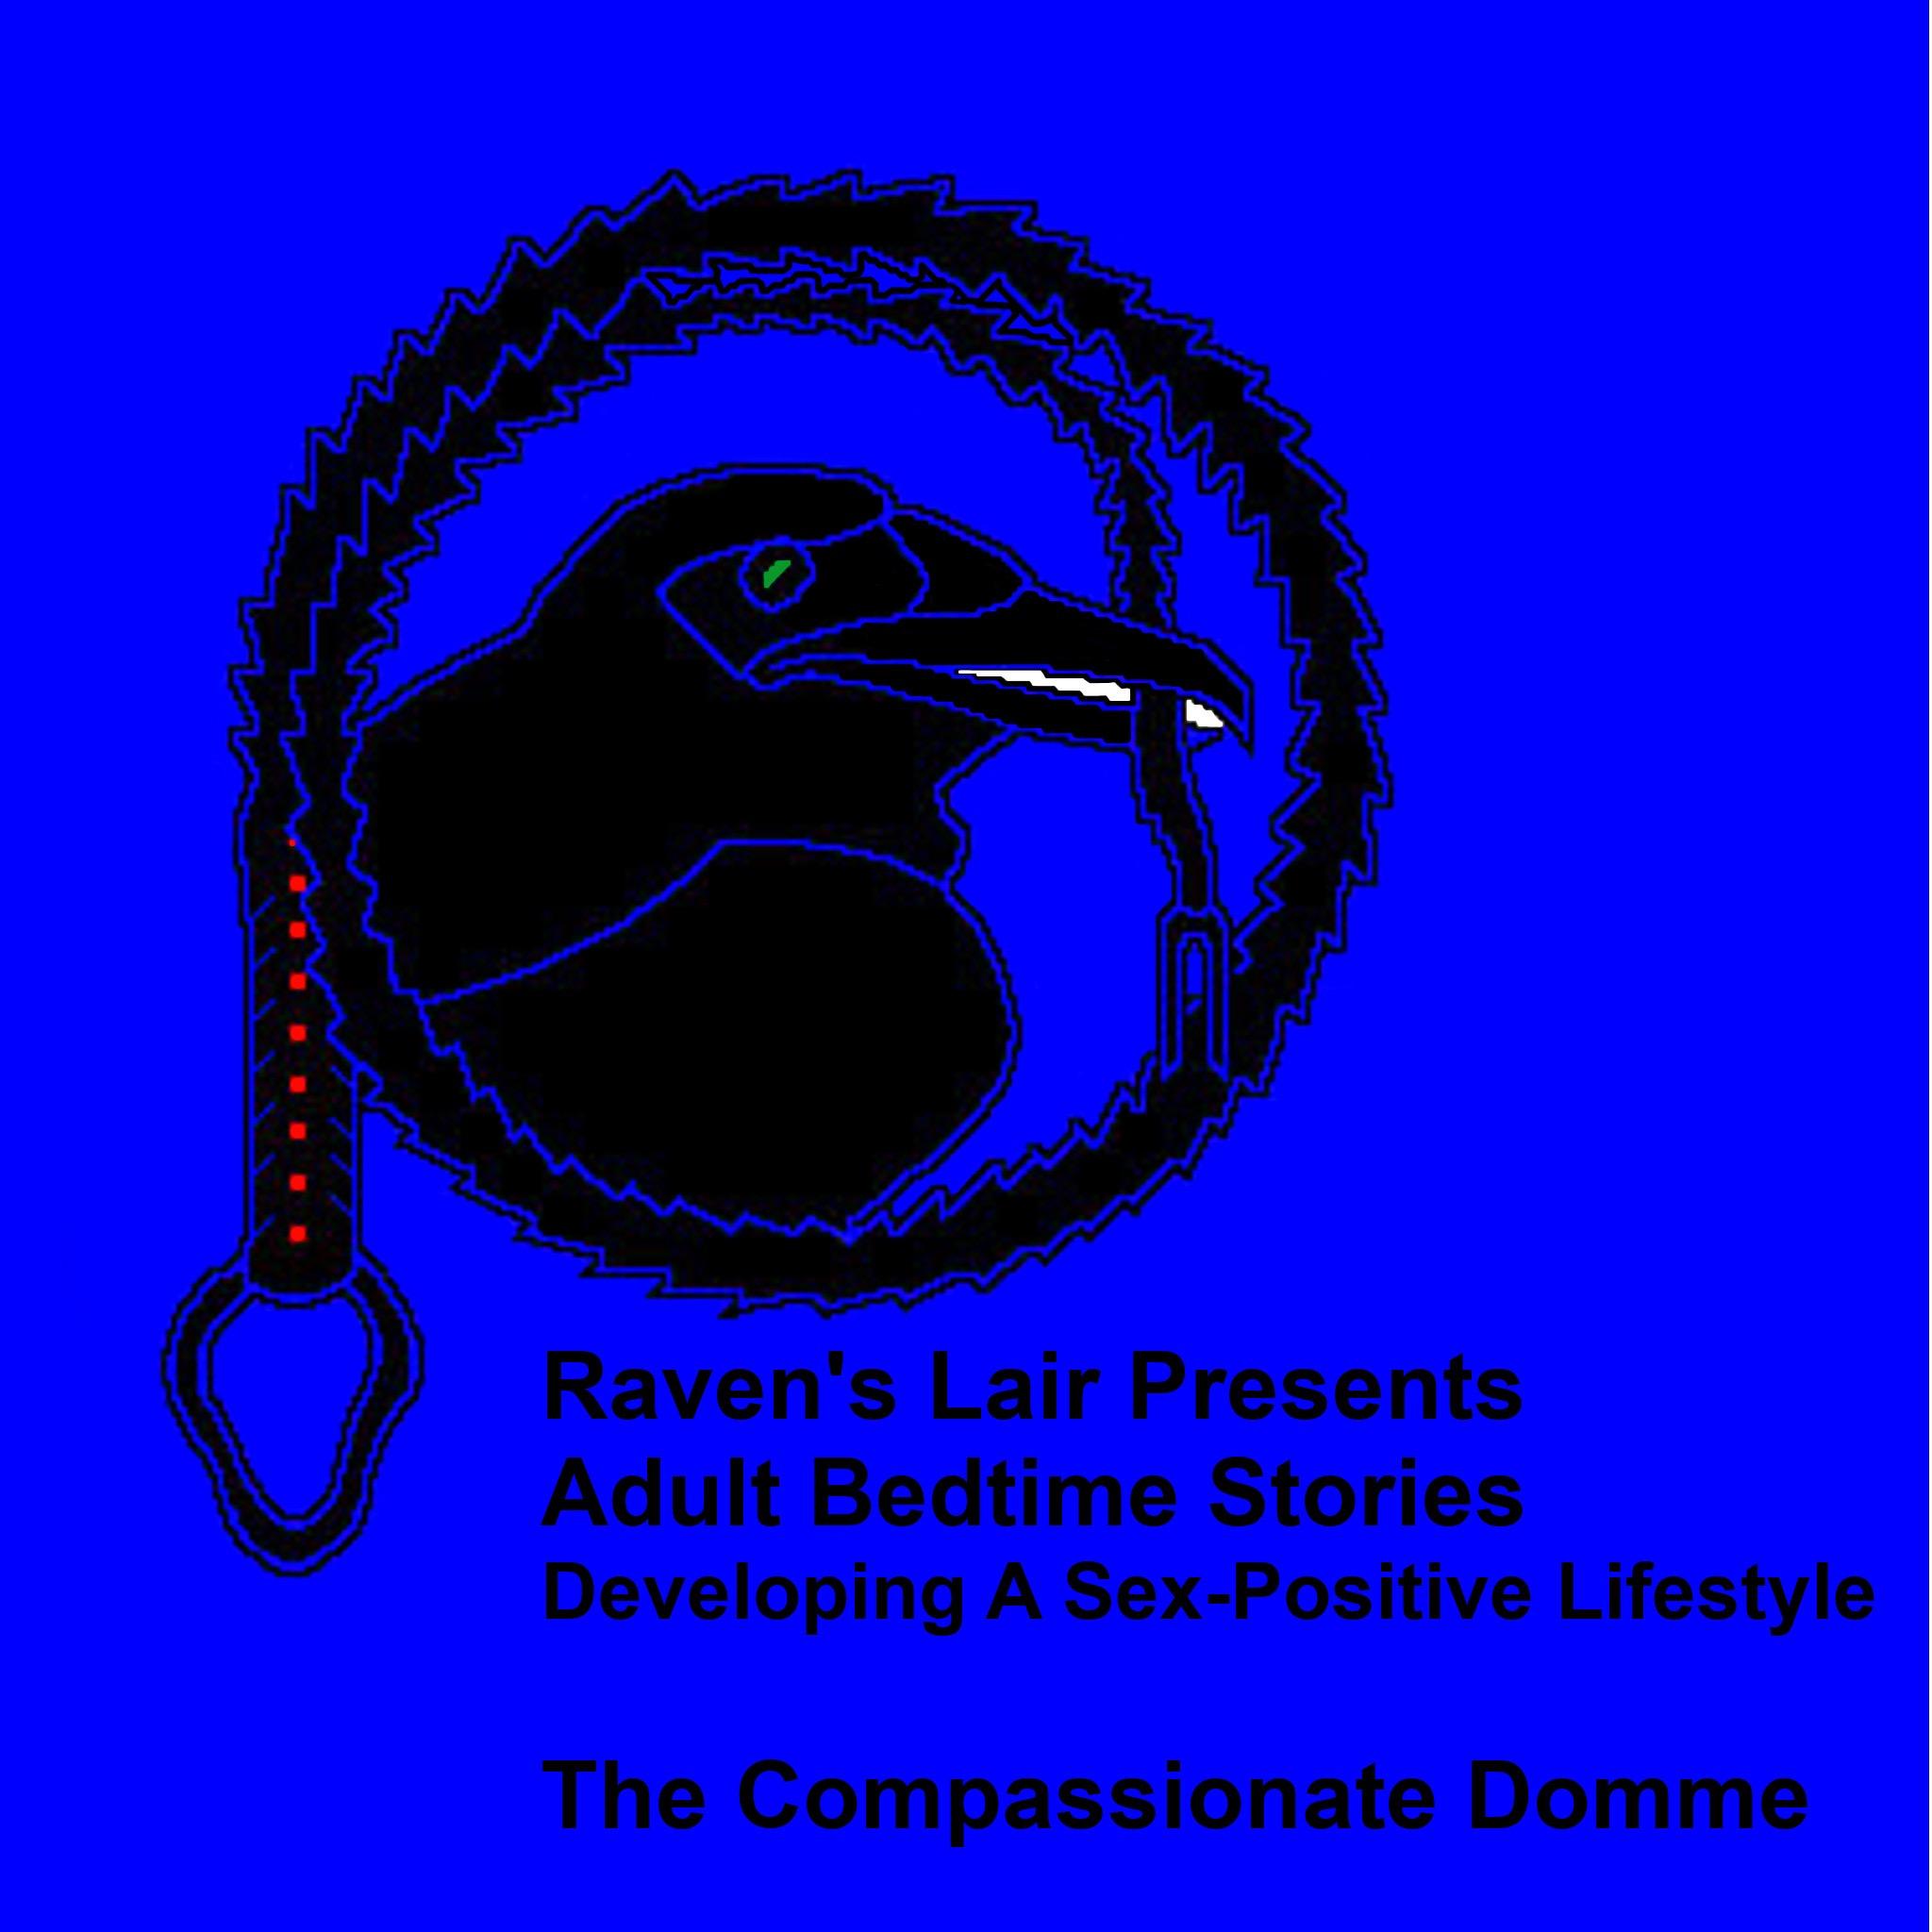 The Compassionate Dominate